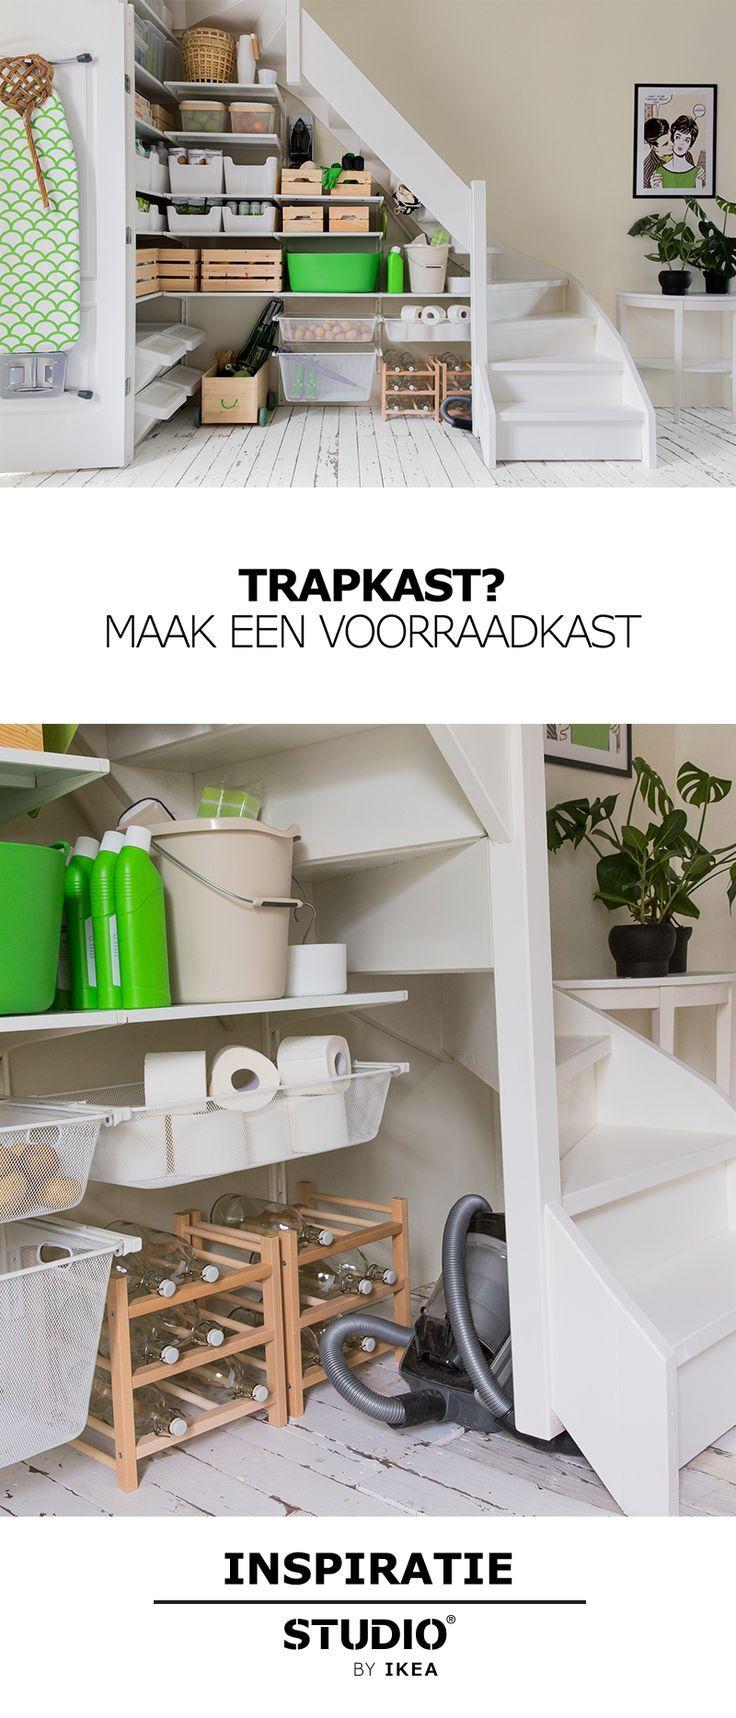 STUDIO by IKEA - Trapkast? Maak een voorraadkast   #STUDIObyIKEA #IKEA #IKEAnl…